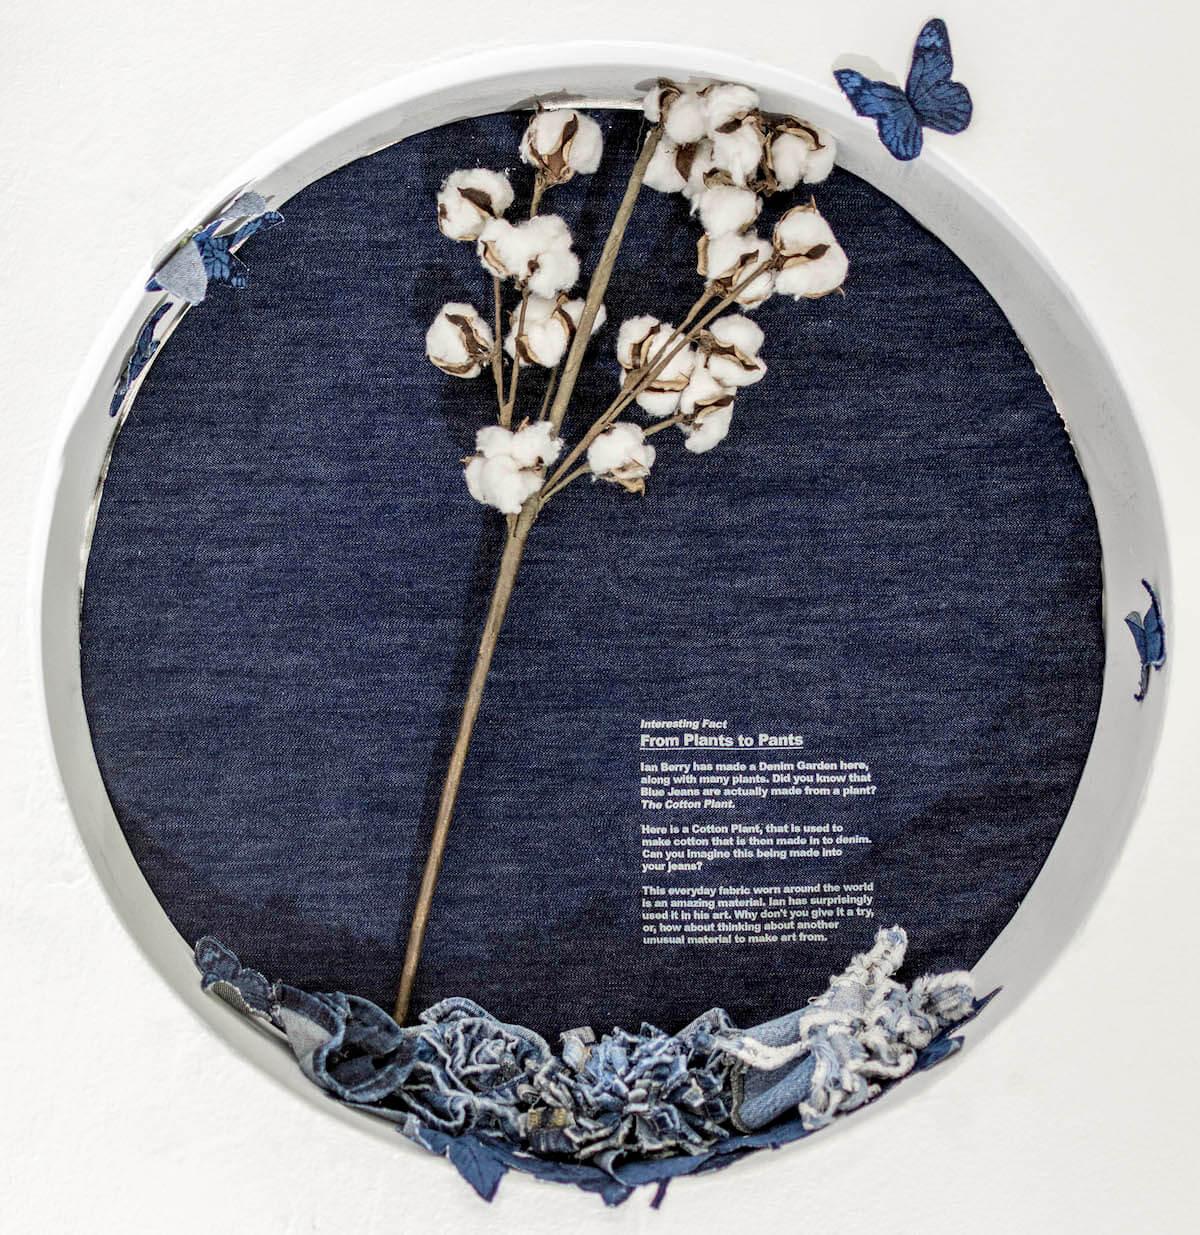 Инсталляция из джинсов, фото 5